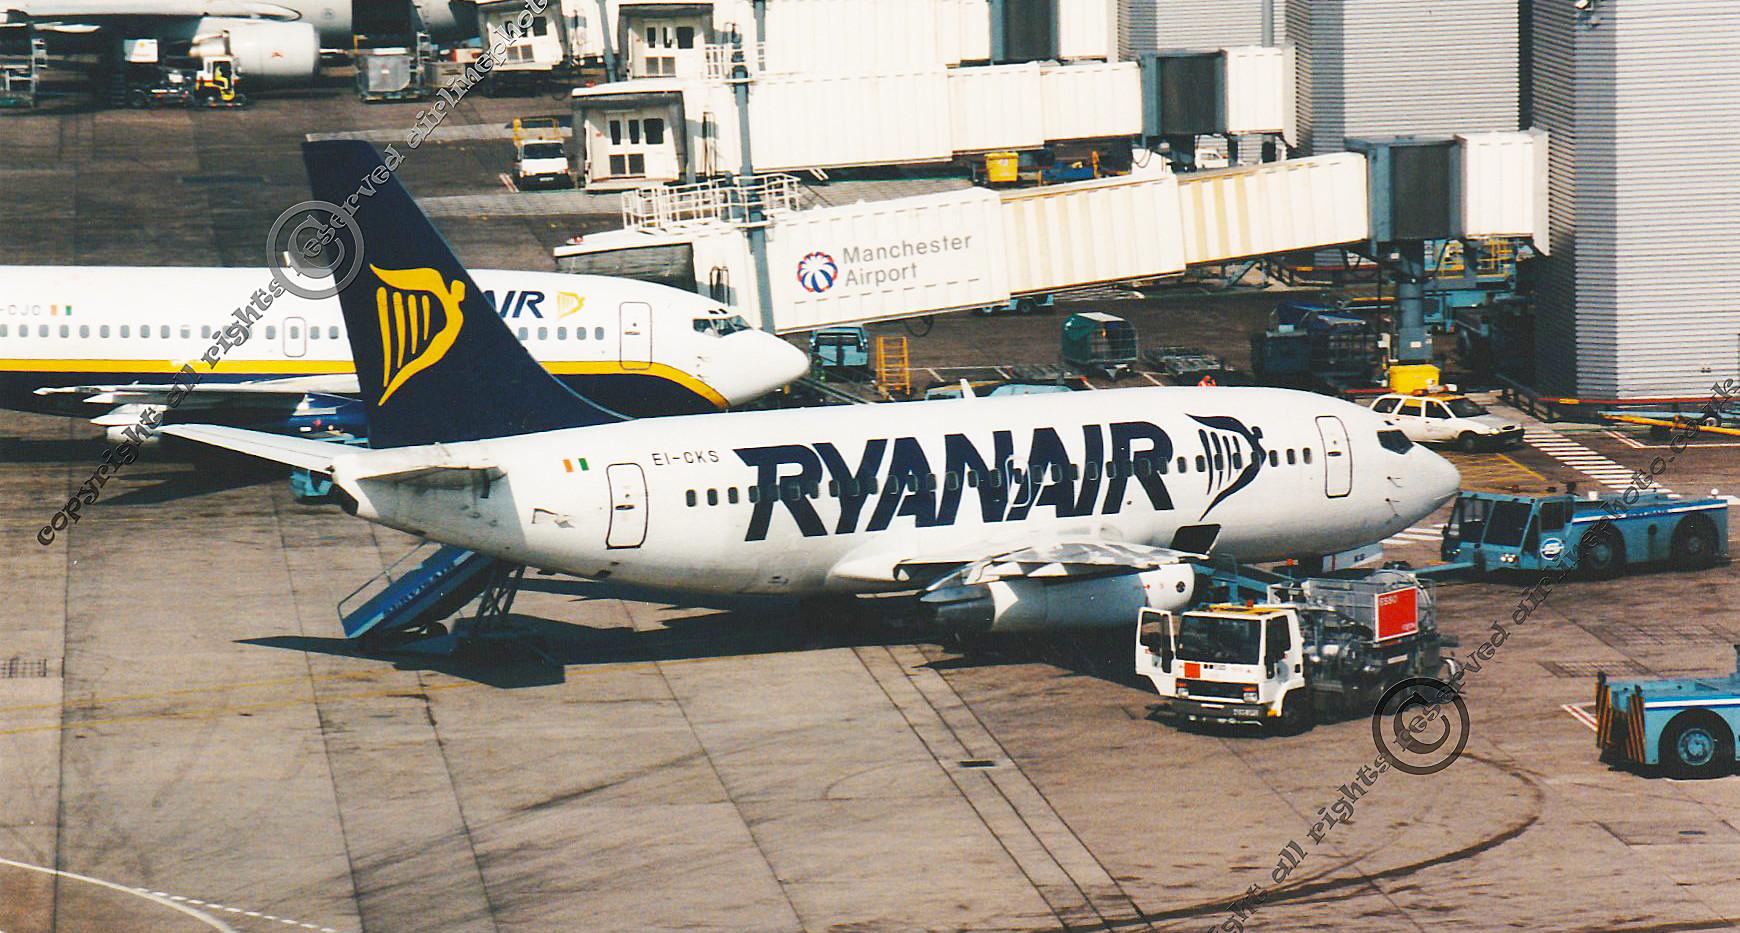 EI-CKS-Ryanair-737-MAN-1994.jpg